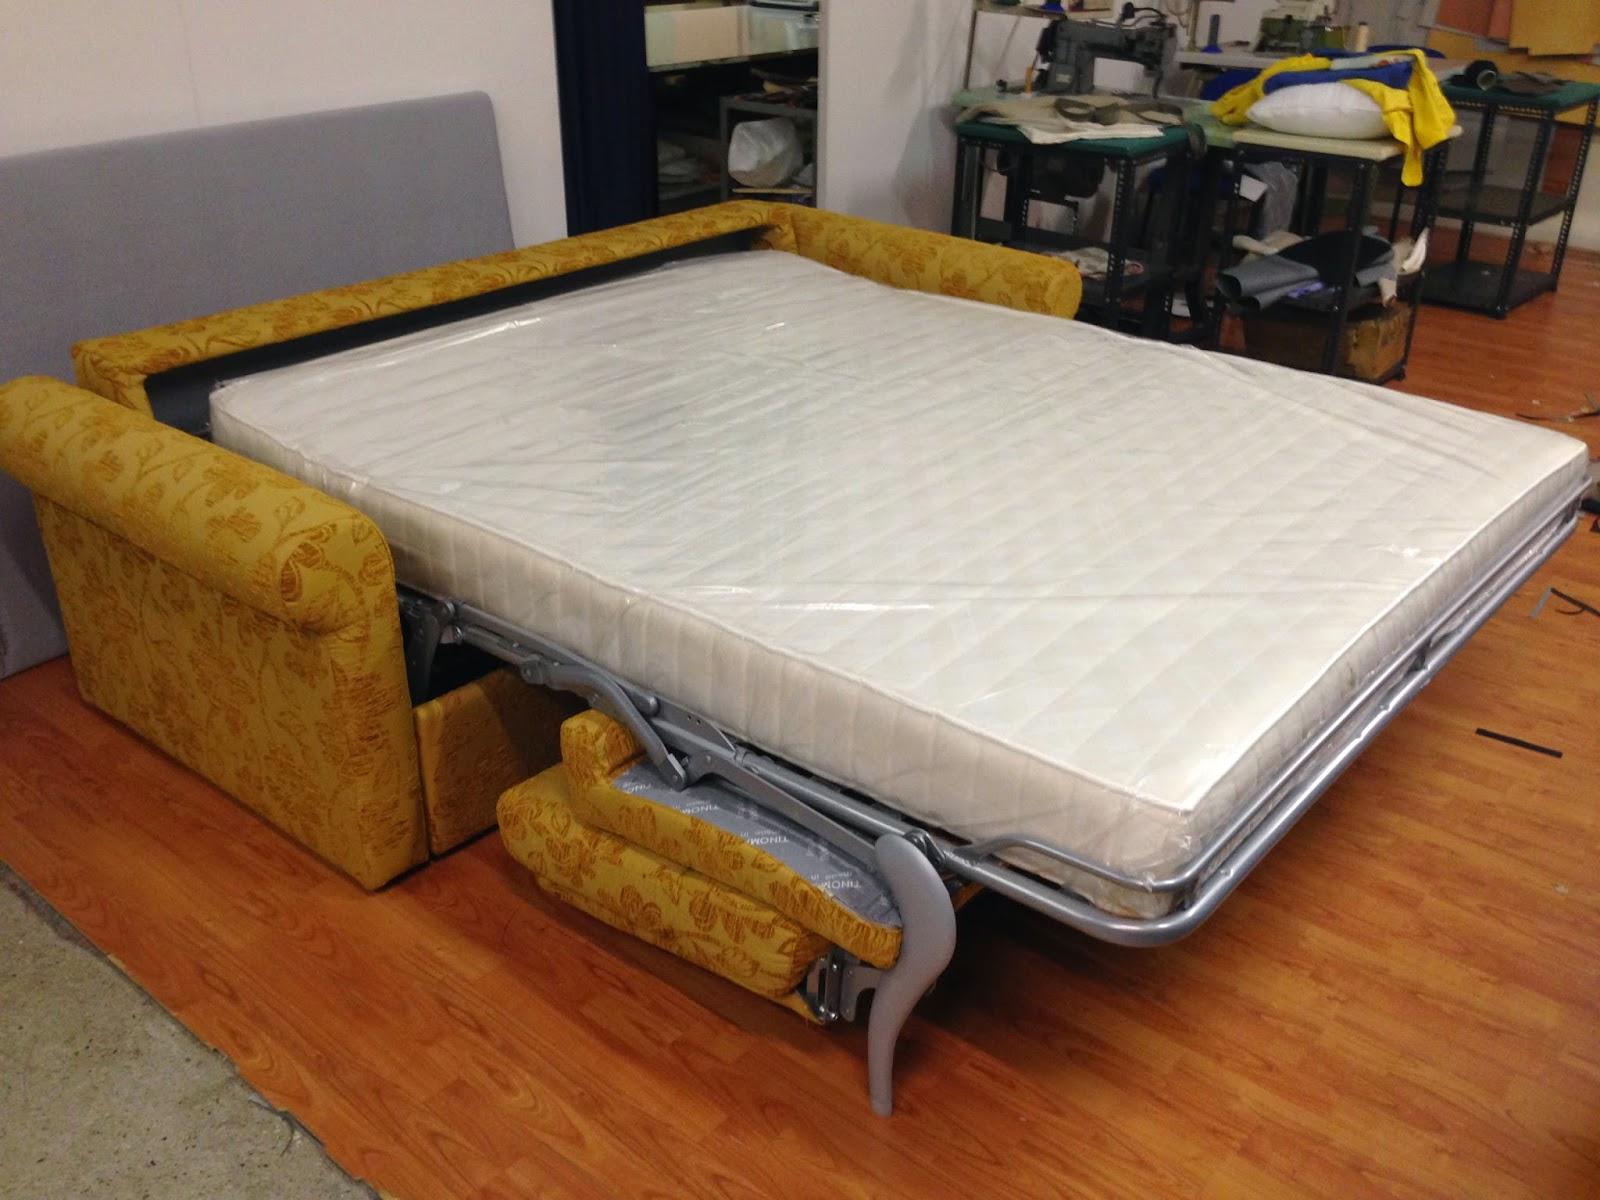 Materasso alto affordable materasso ortopedico economico for Divano letto materasso ortopedico